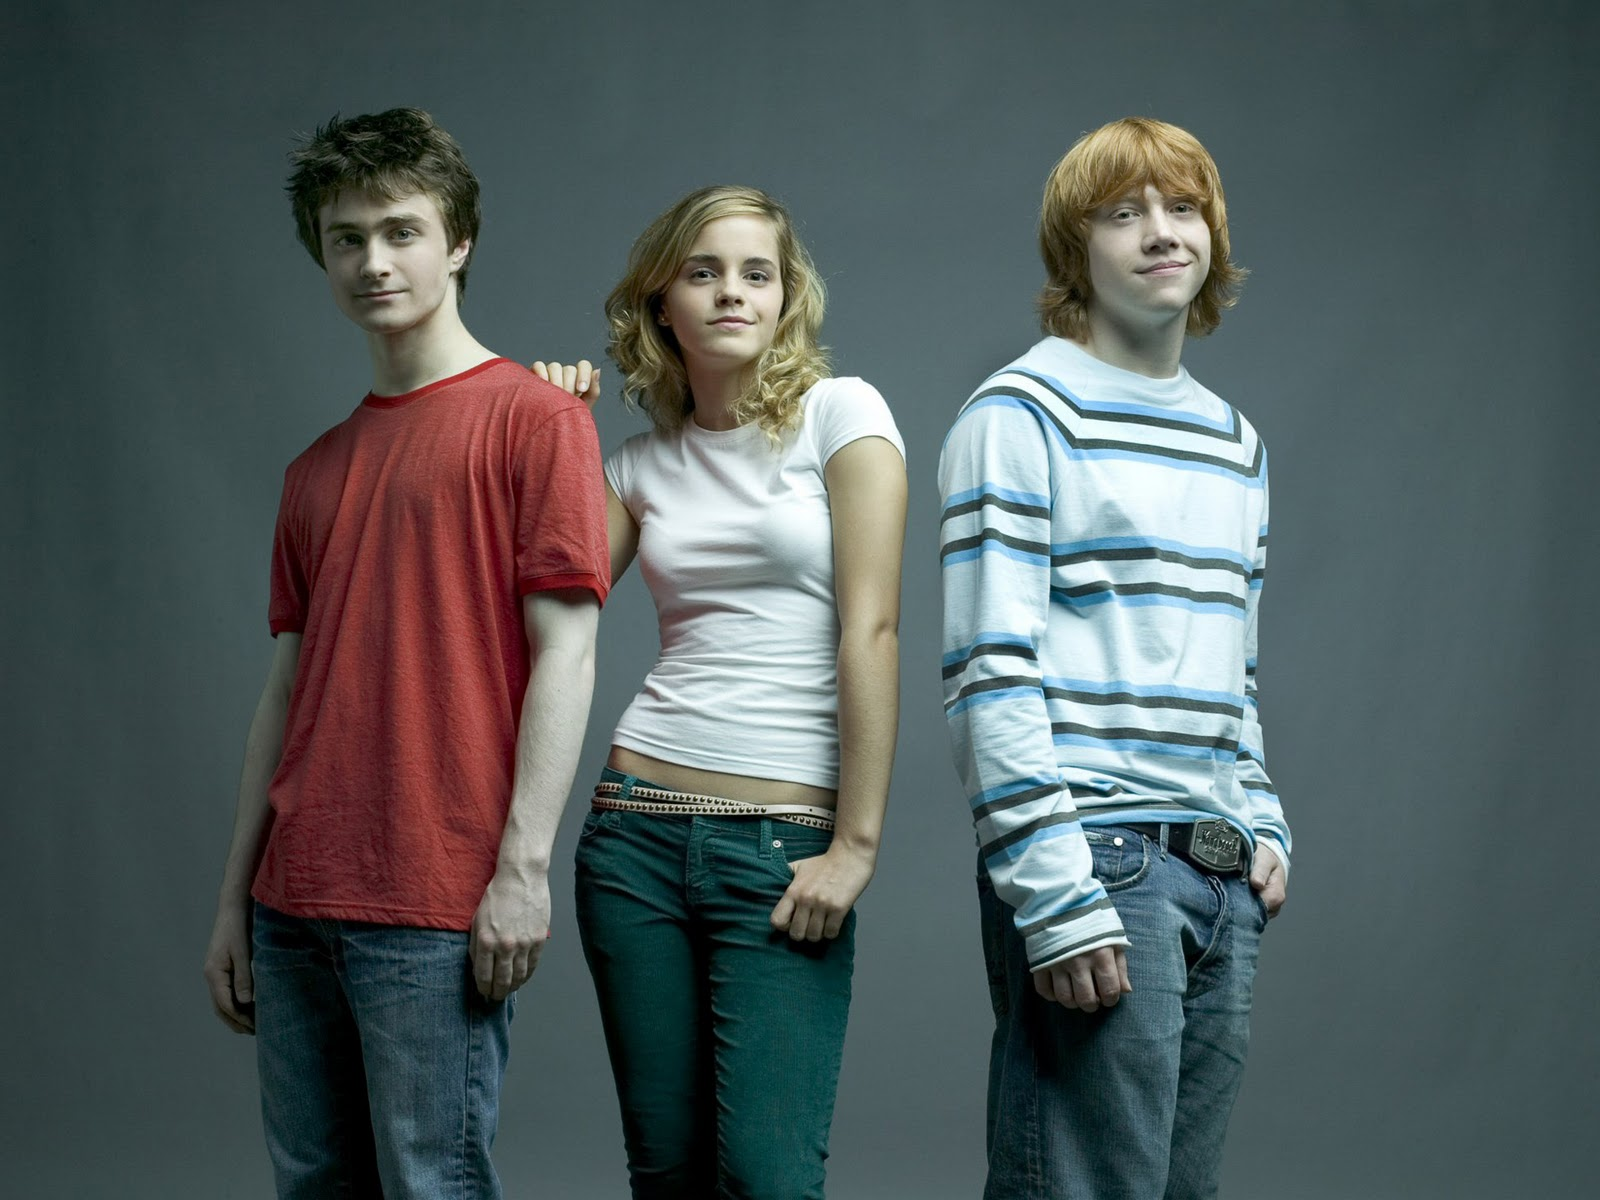 http://3.bp.blogspot.com/_pLmMug9YFkw/TMFKyTCFFQI/AAAAAAAACrQ/qwI-AXIX9WI/s1600/emma_watson_daniel_radcliffe_harry_potter_cast-normal.jpg